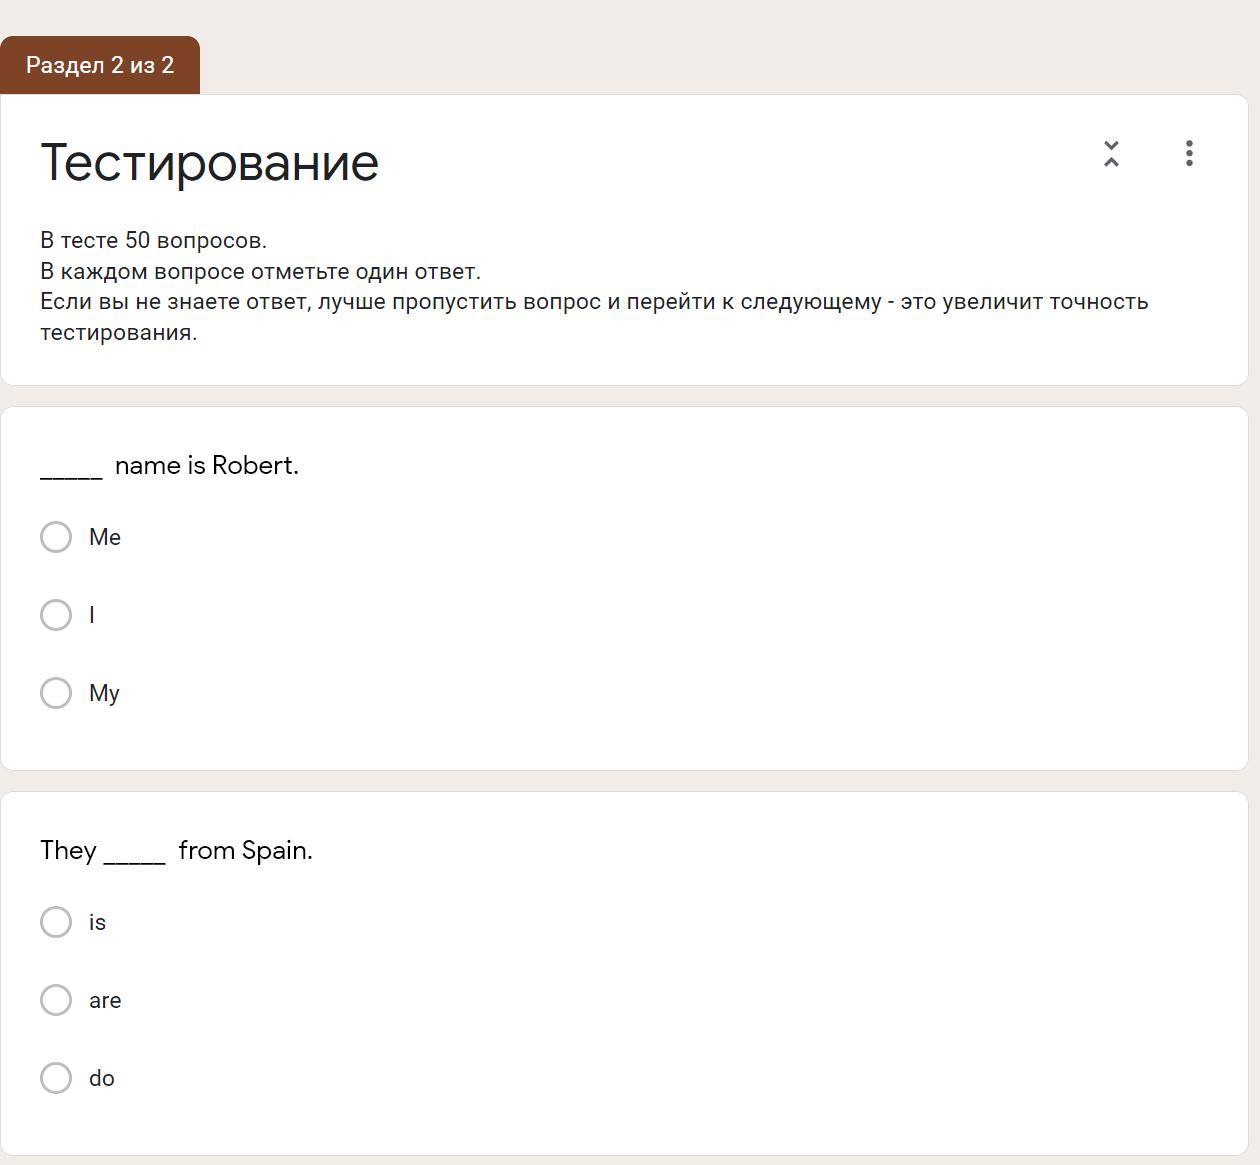 Тест на знание языка в Globus делают в Google Forms с интеграцией в АльфаCRM